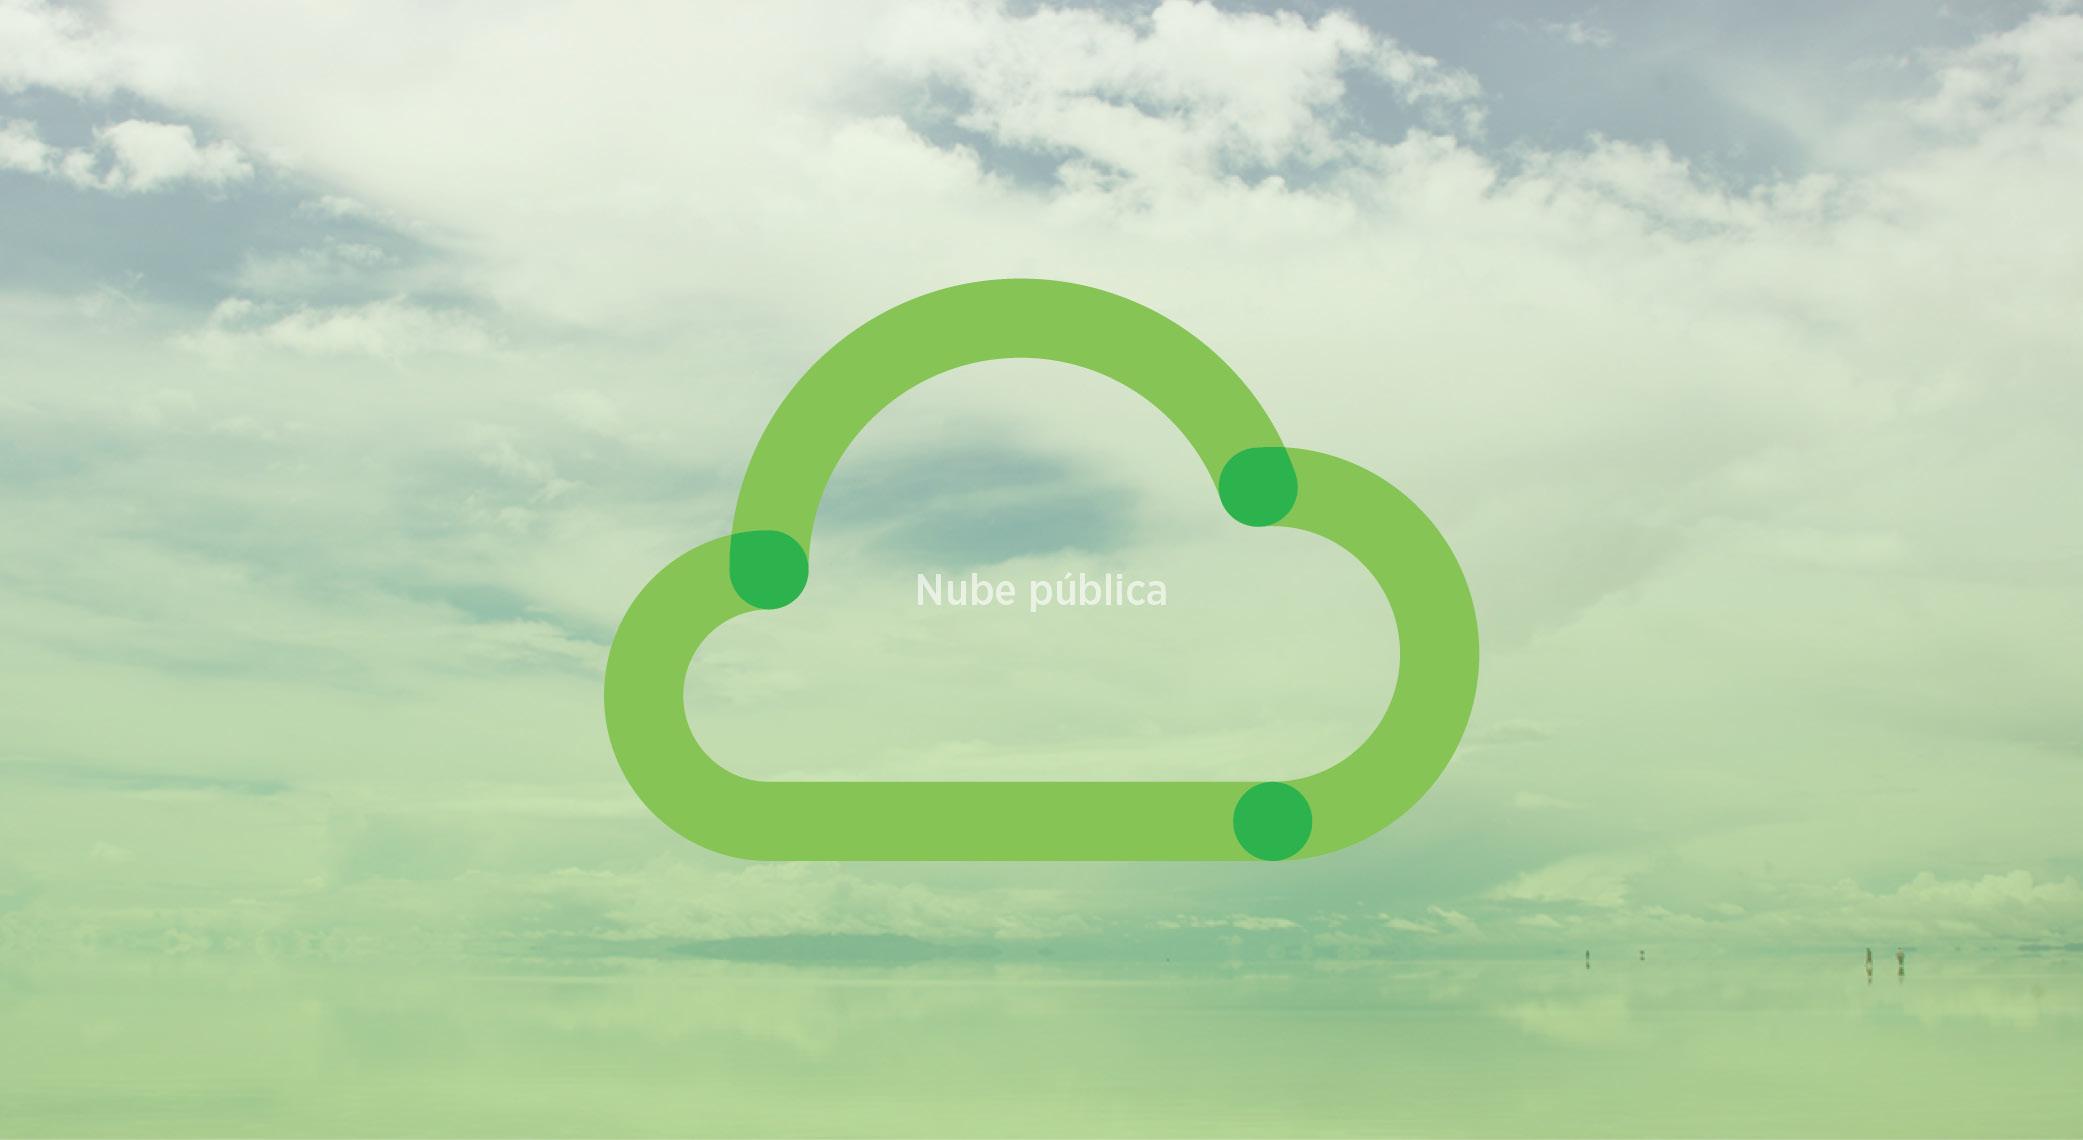 Tipo de nube-Nube pública